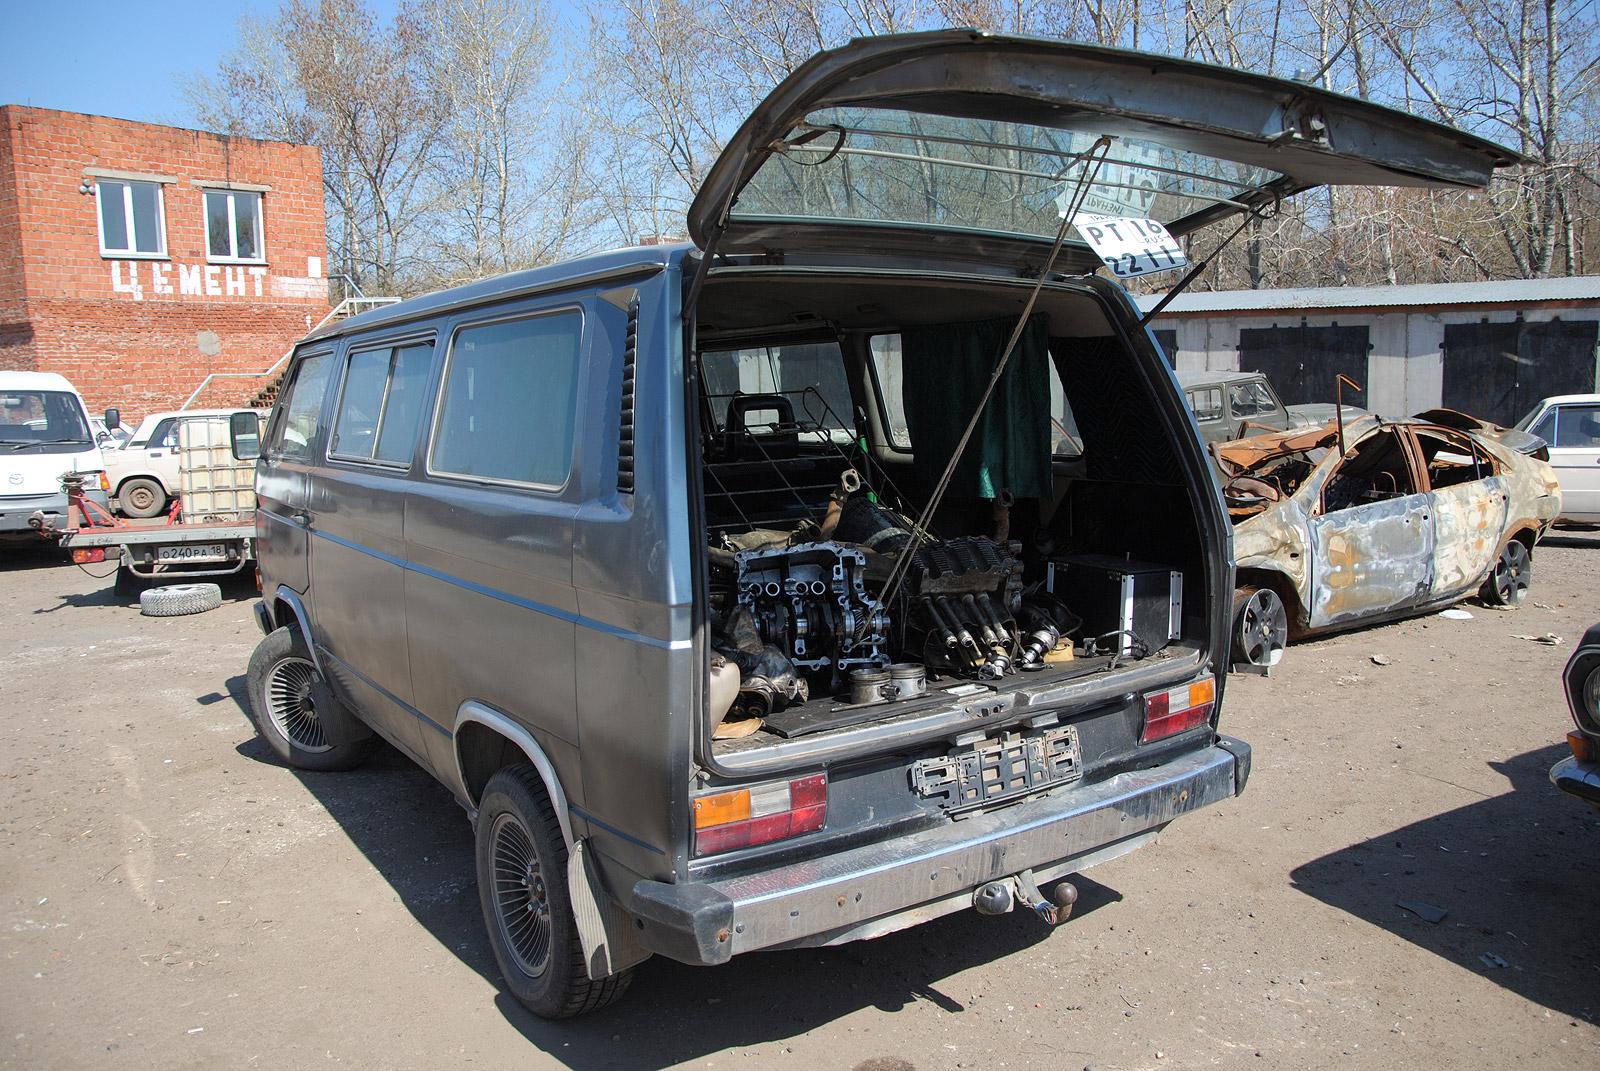 наркоманский Volkswagen caravelle 1983 г.в. - Марковские Форумы Ижевск